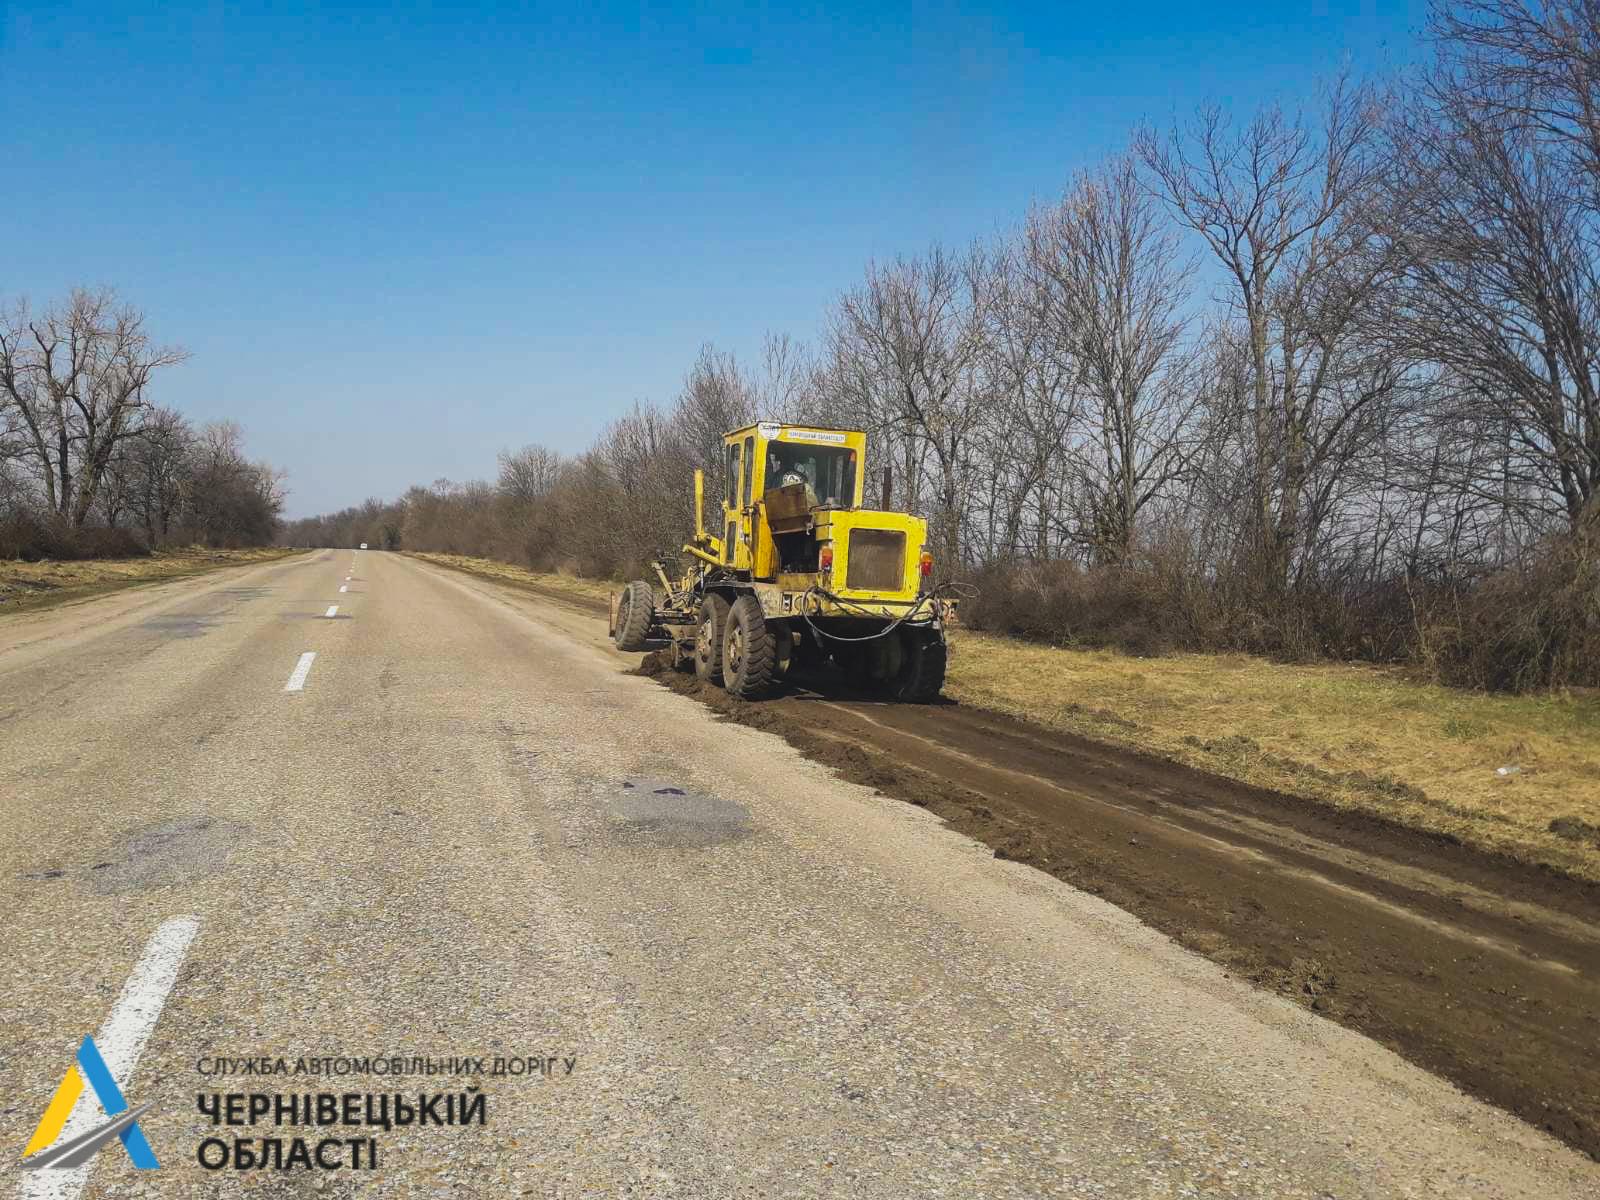 Чернівецька область єдина, де ще не ремонтують дороги: коли розпочнуть  роботи